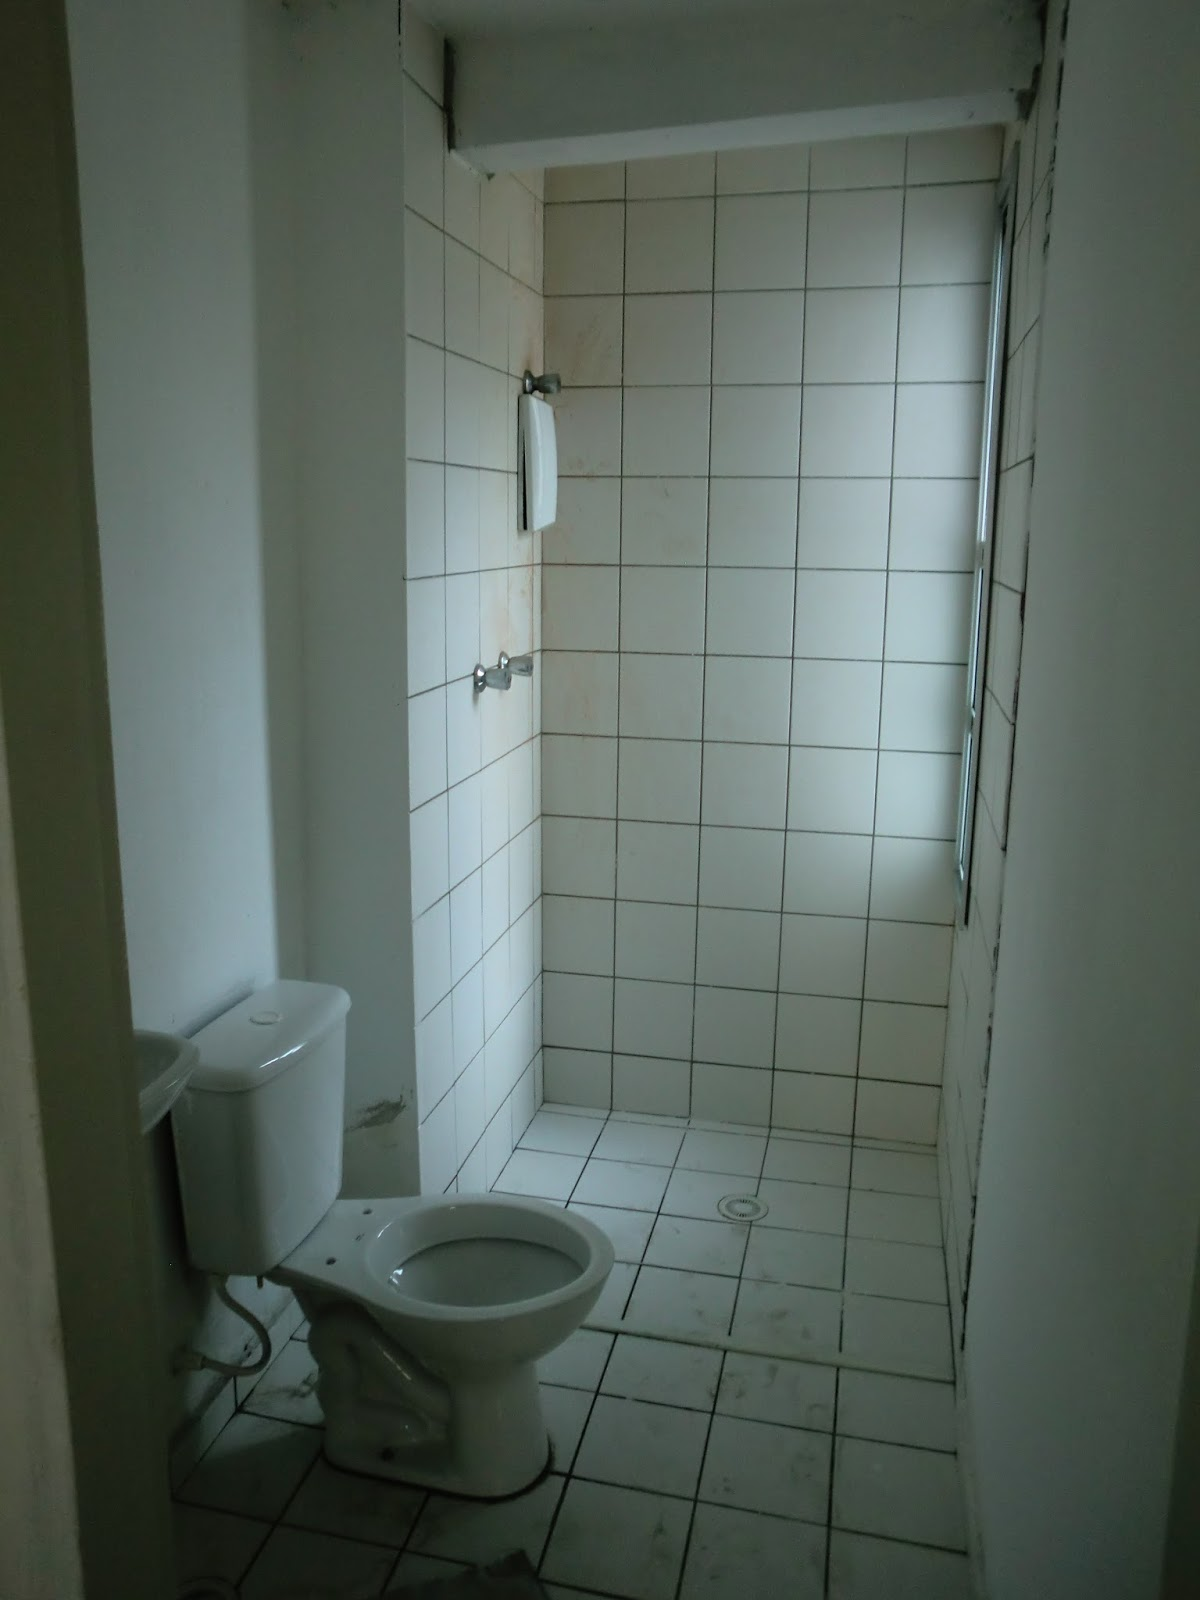 Reforma do Apartamento  Banheiro  Antes e Depois  Com Custos  Reforma Eco -> Reforma Banheiro Pequeno Antes E Depois